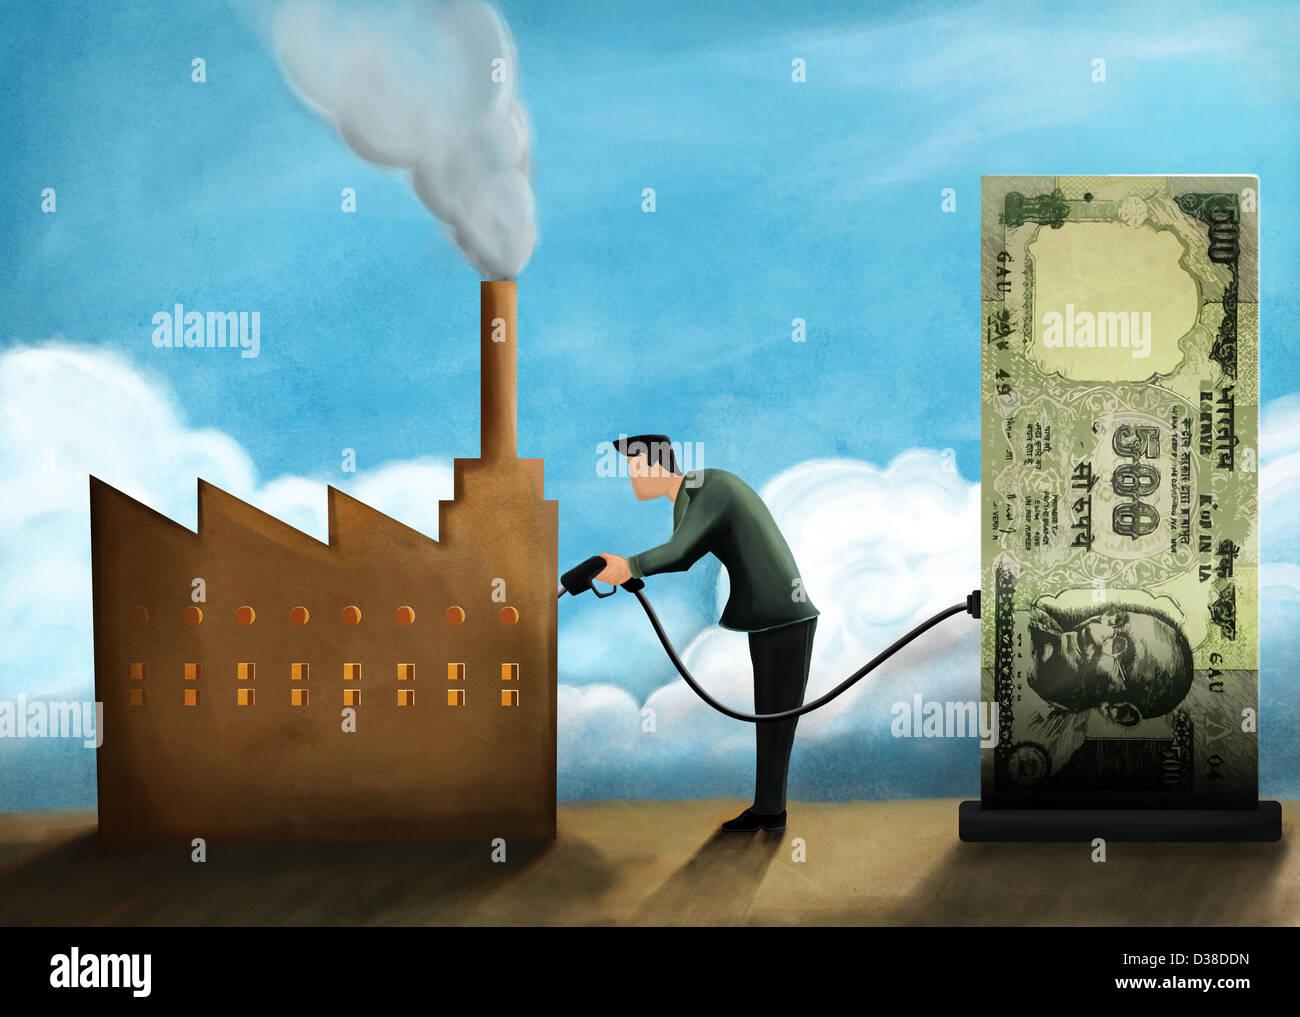 Imagen ilustrativa del empresario repostaje fábrica con dinero que representa la inversión Imagen De Stock